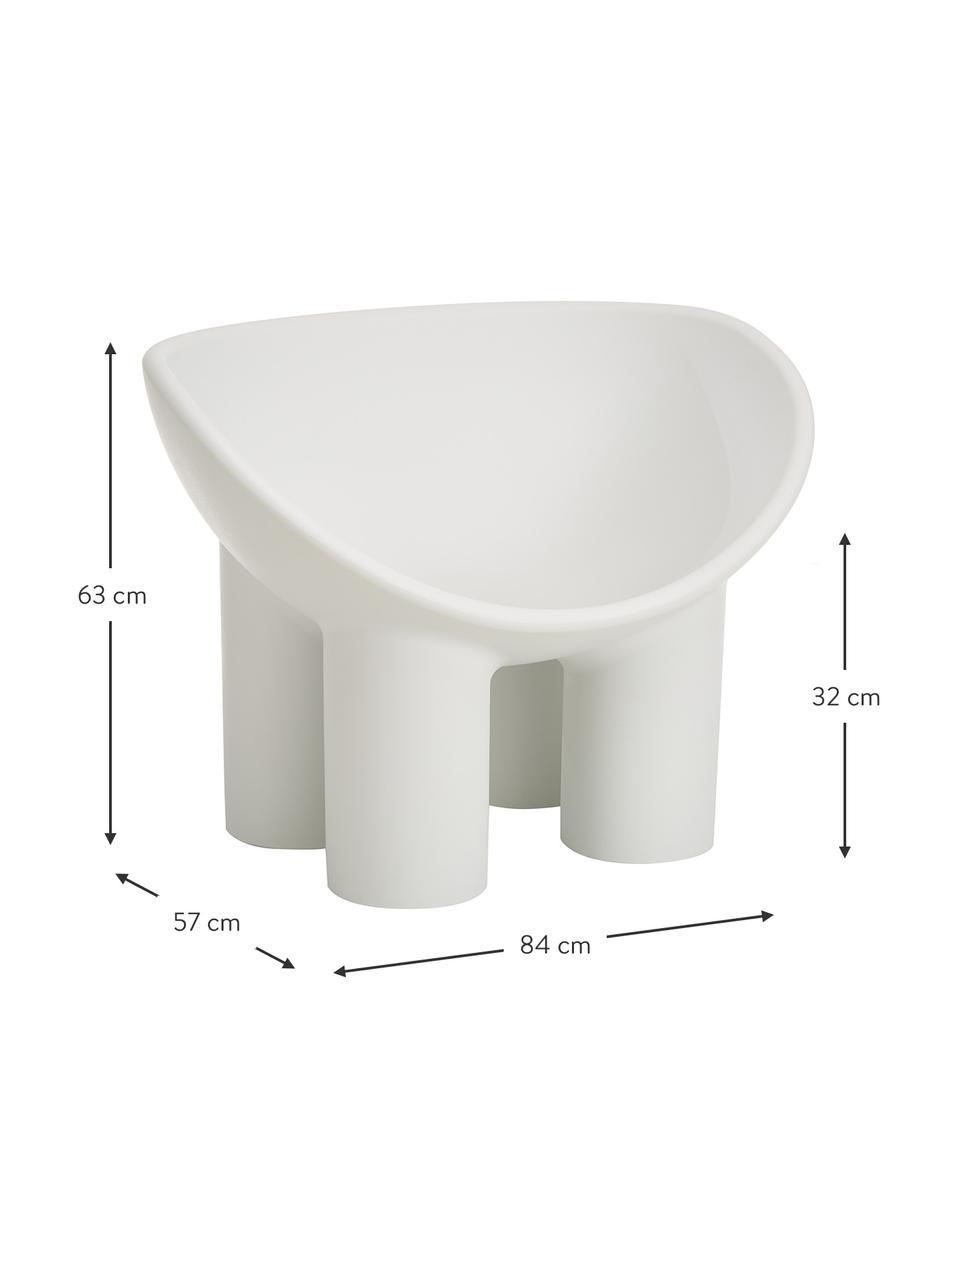 Designer Sessel Roly Poly in Hellgrau, Polyethylen, im Rotationsgussverfahren hergestellt, Hellgrau, B 84 x T 57 cm